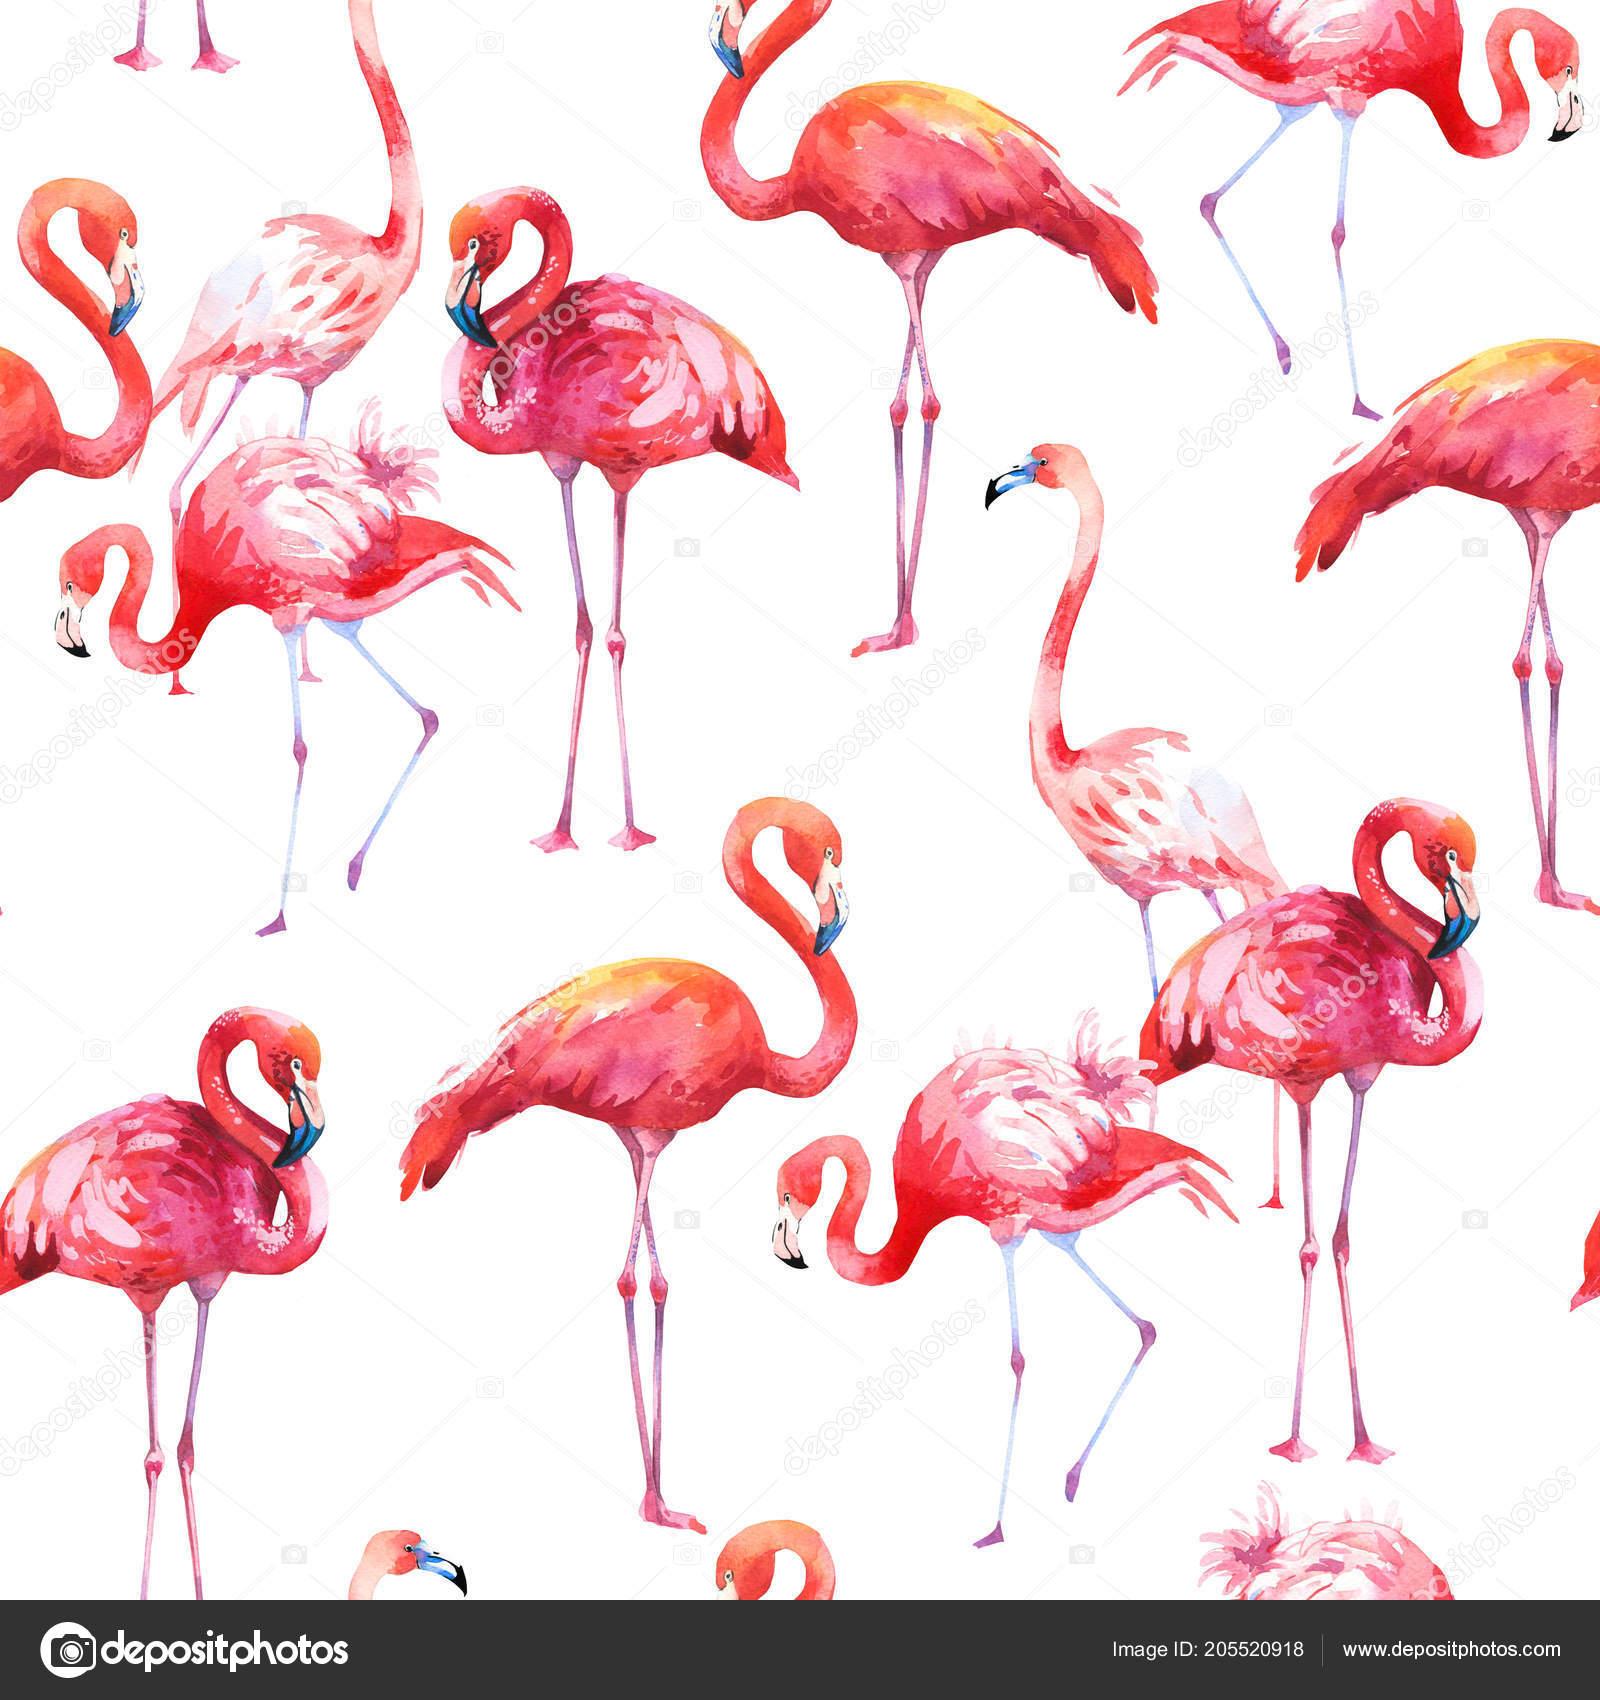 Aquarela sem costura padrão no fundo branco. Ilustração com flamingo ...